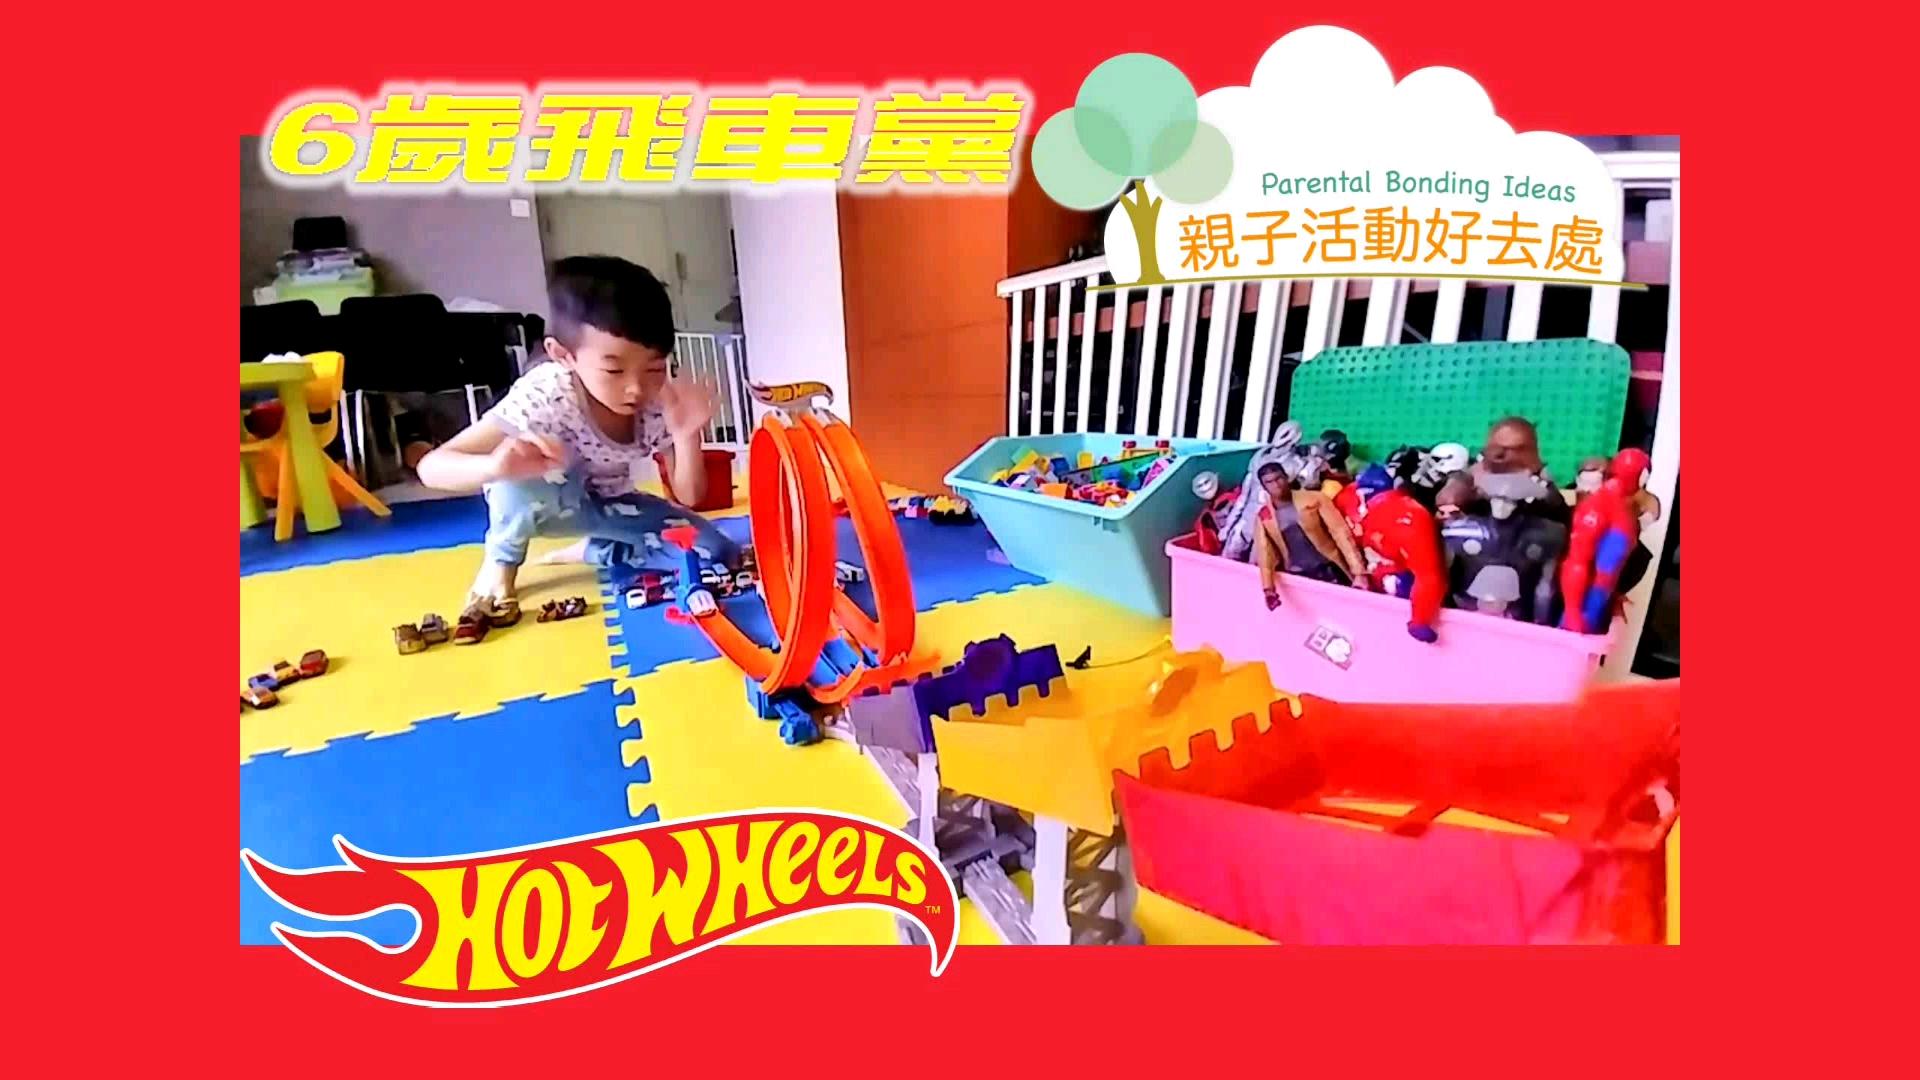 6歲飛車黨@親子活動好去處